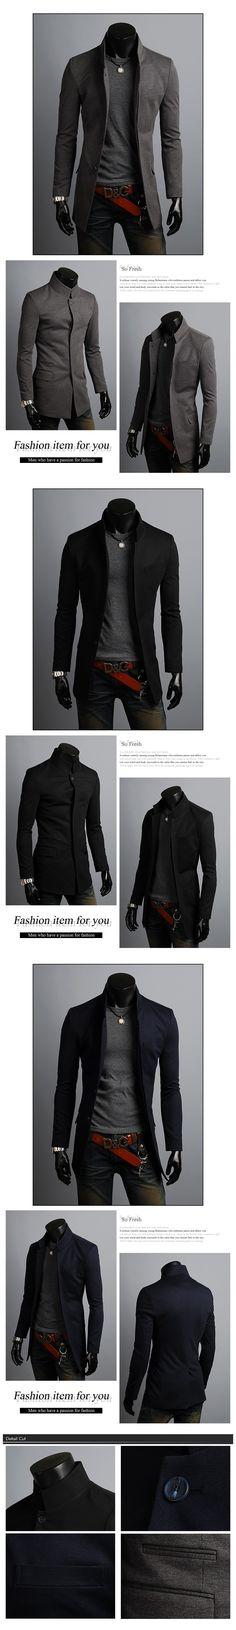 KOREAN Mens Slim Fit Premium Button Jacket China Collar Long Blazer HD6-XS/S/M/L in Vêtements, accessoires, Vêtements pour hommes, Blazers & manteaux sport | eBay